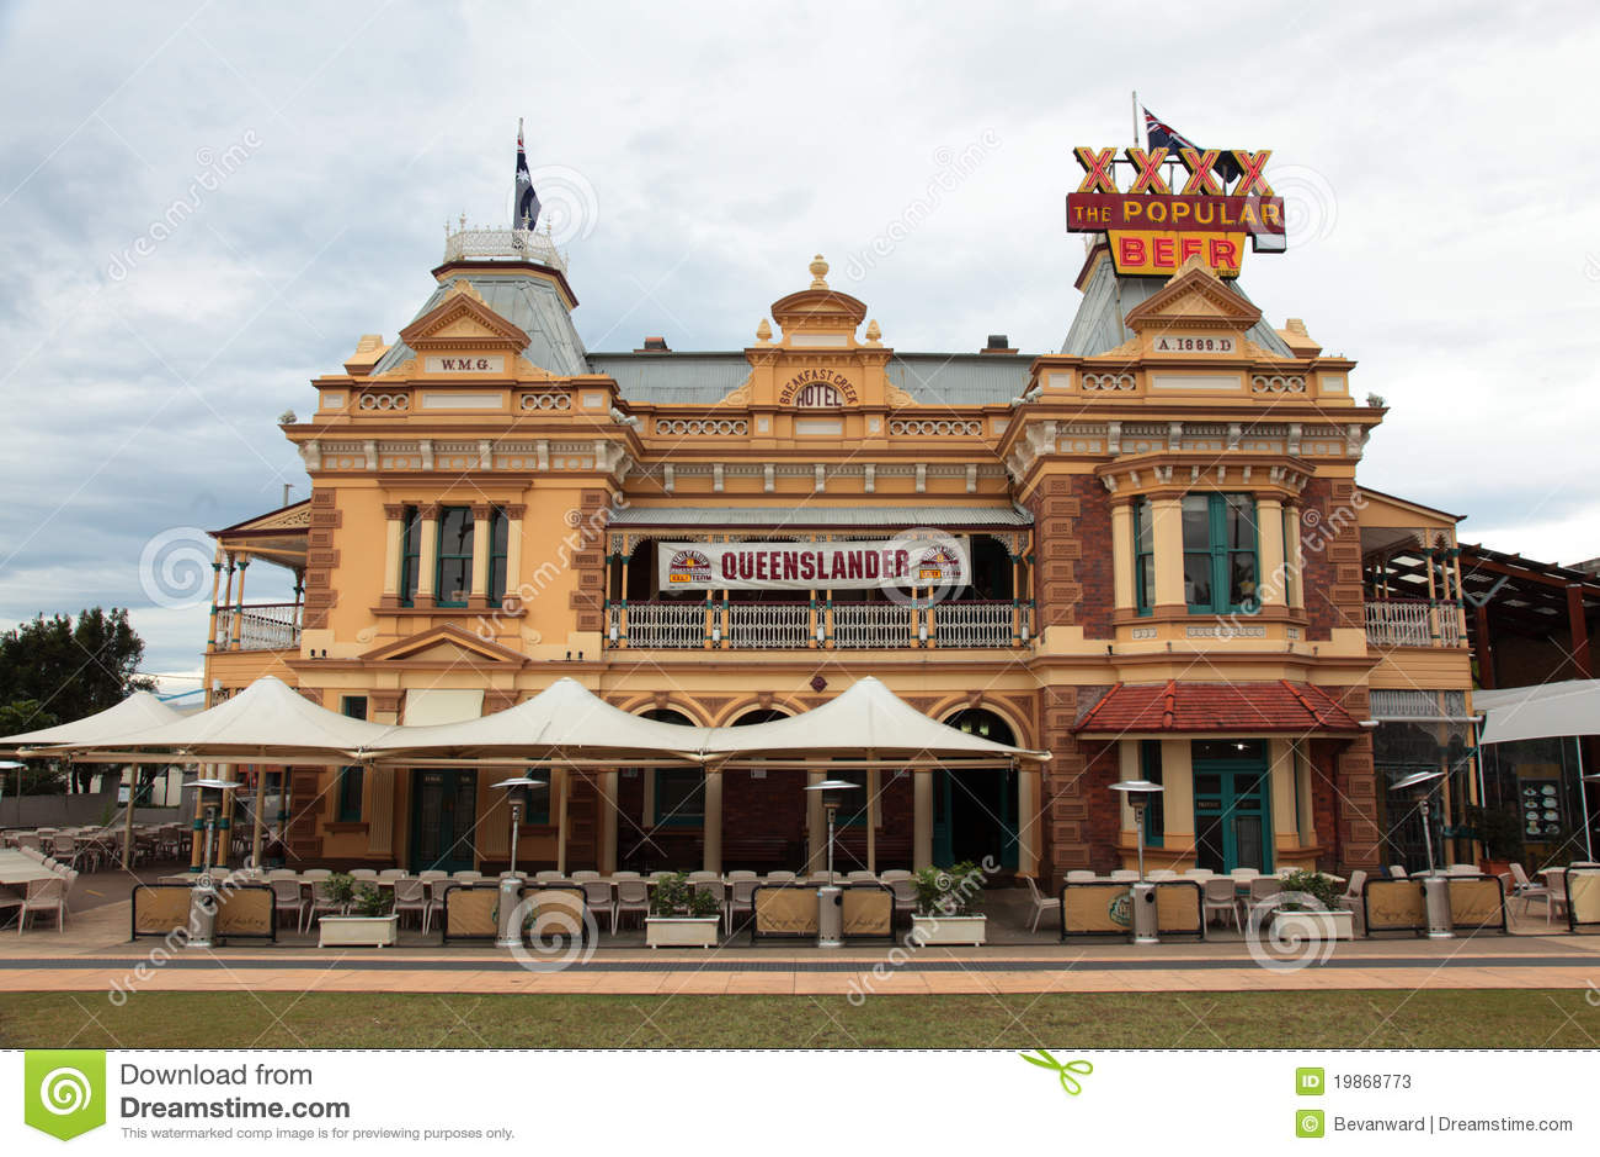 Renaissance date in Brisbane